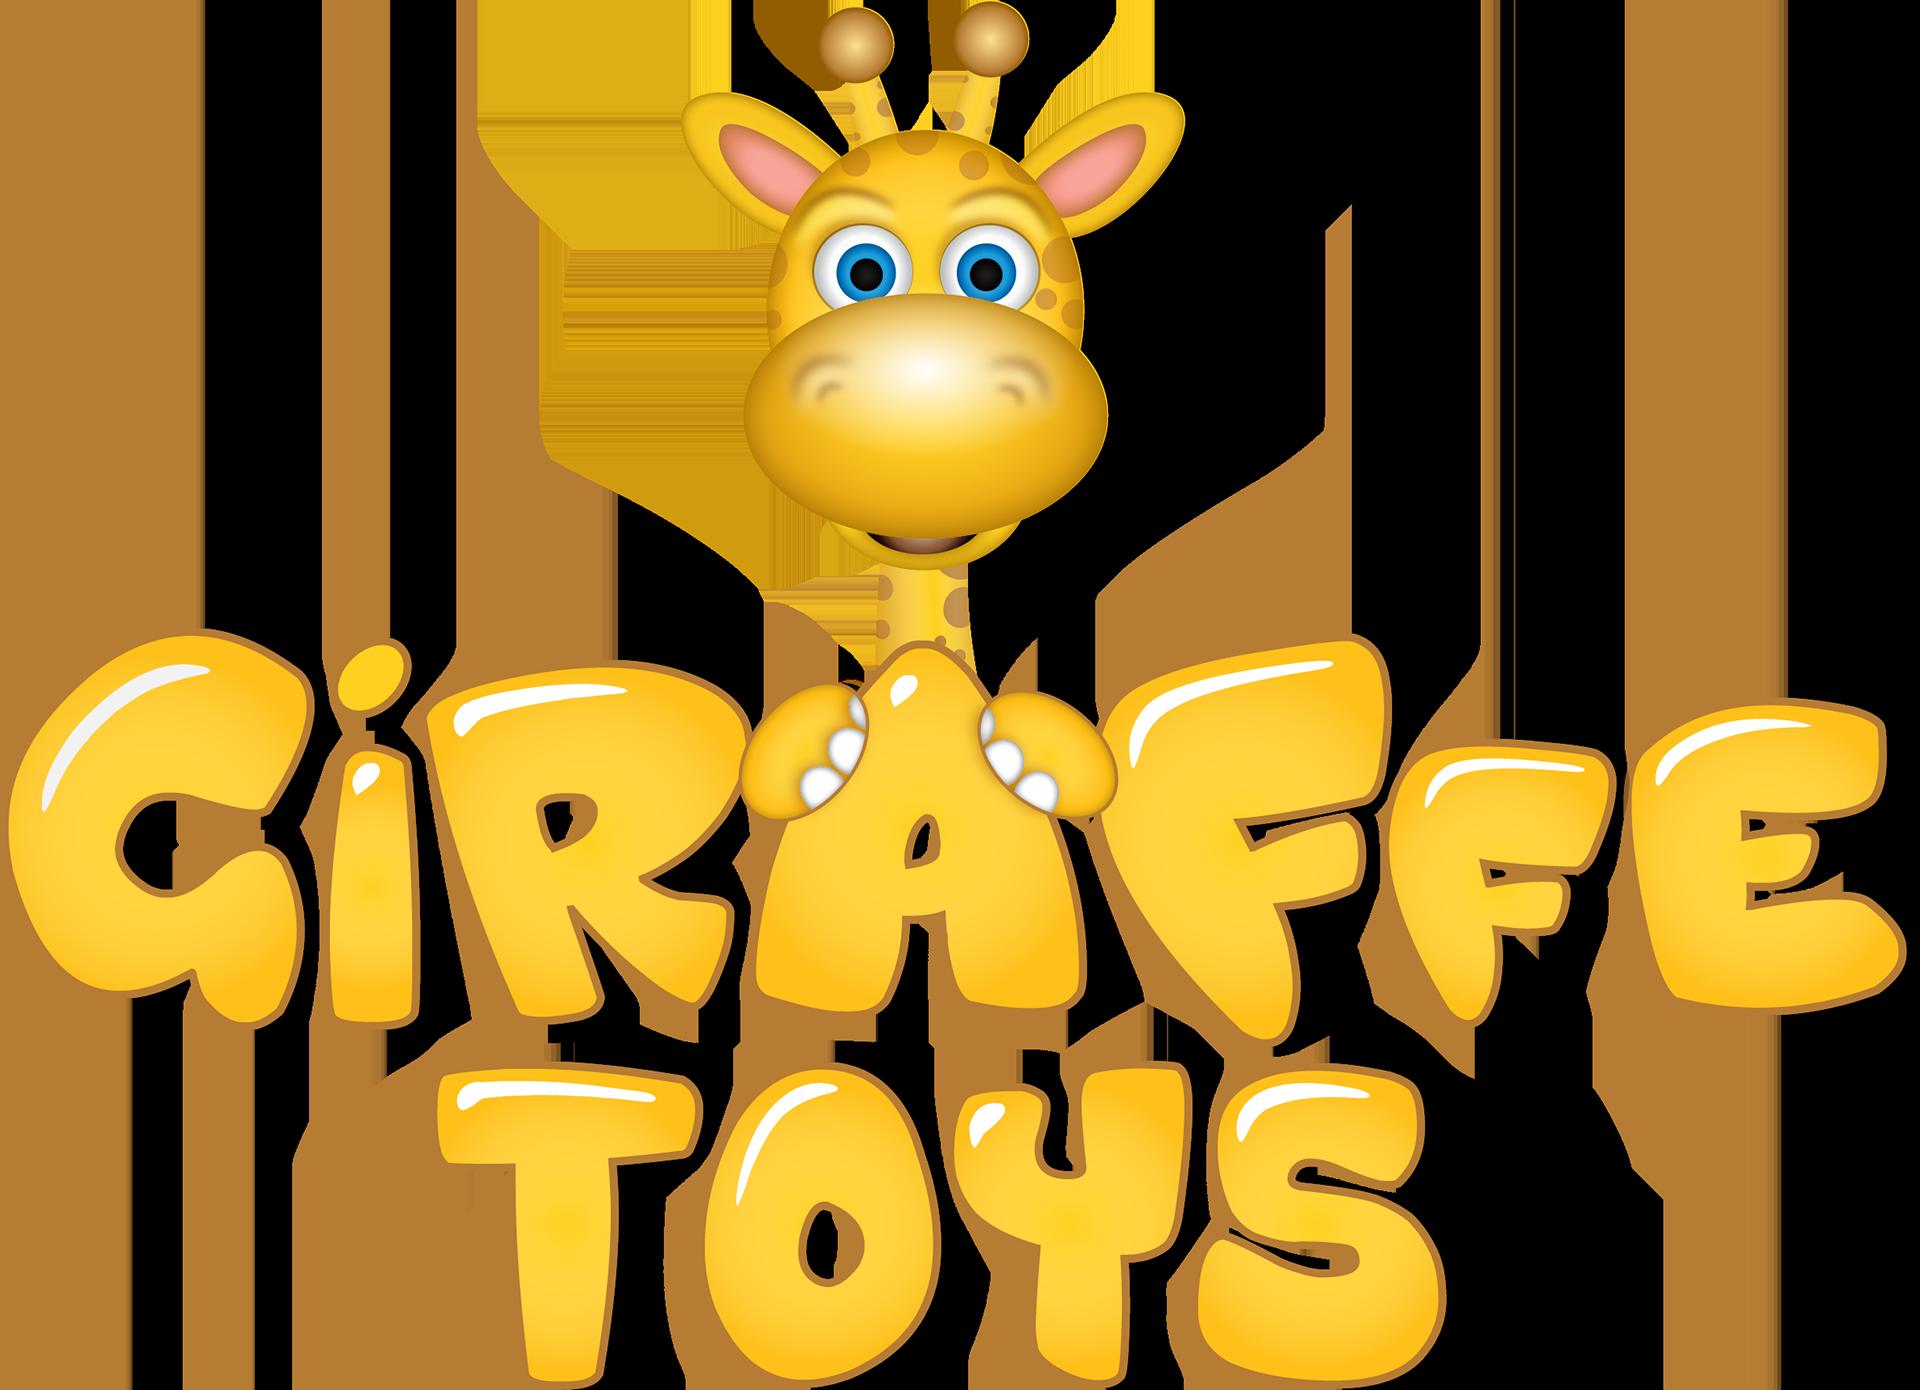 Giraffe Toys Logo